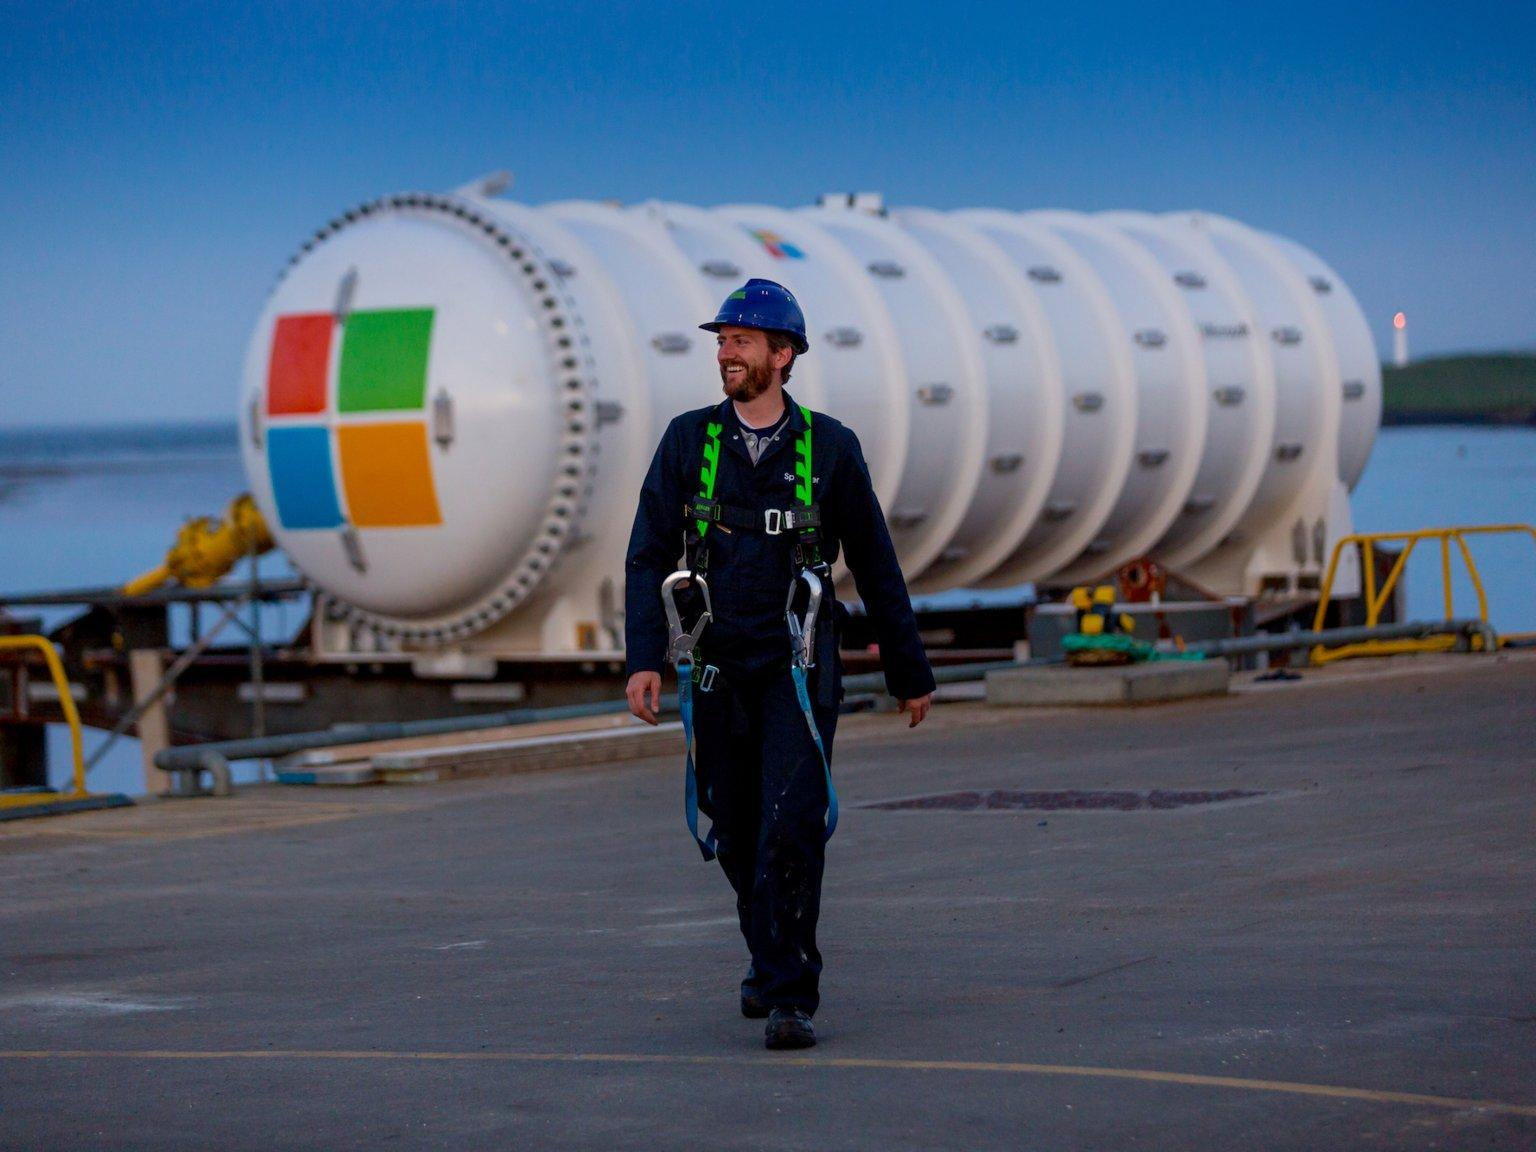 为了省钱和环保,微软居然把数据中心丢进了海里